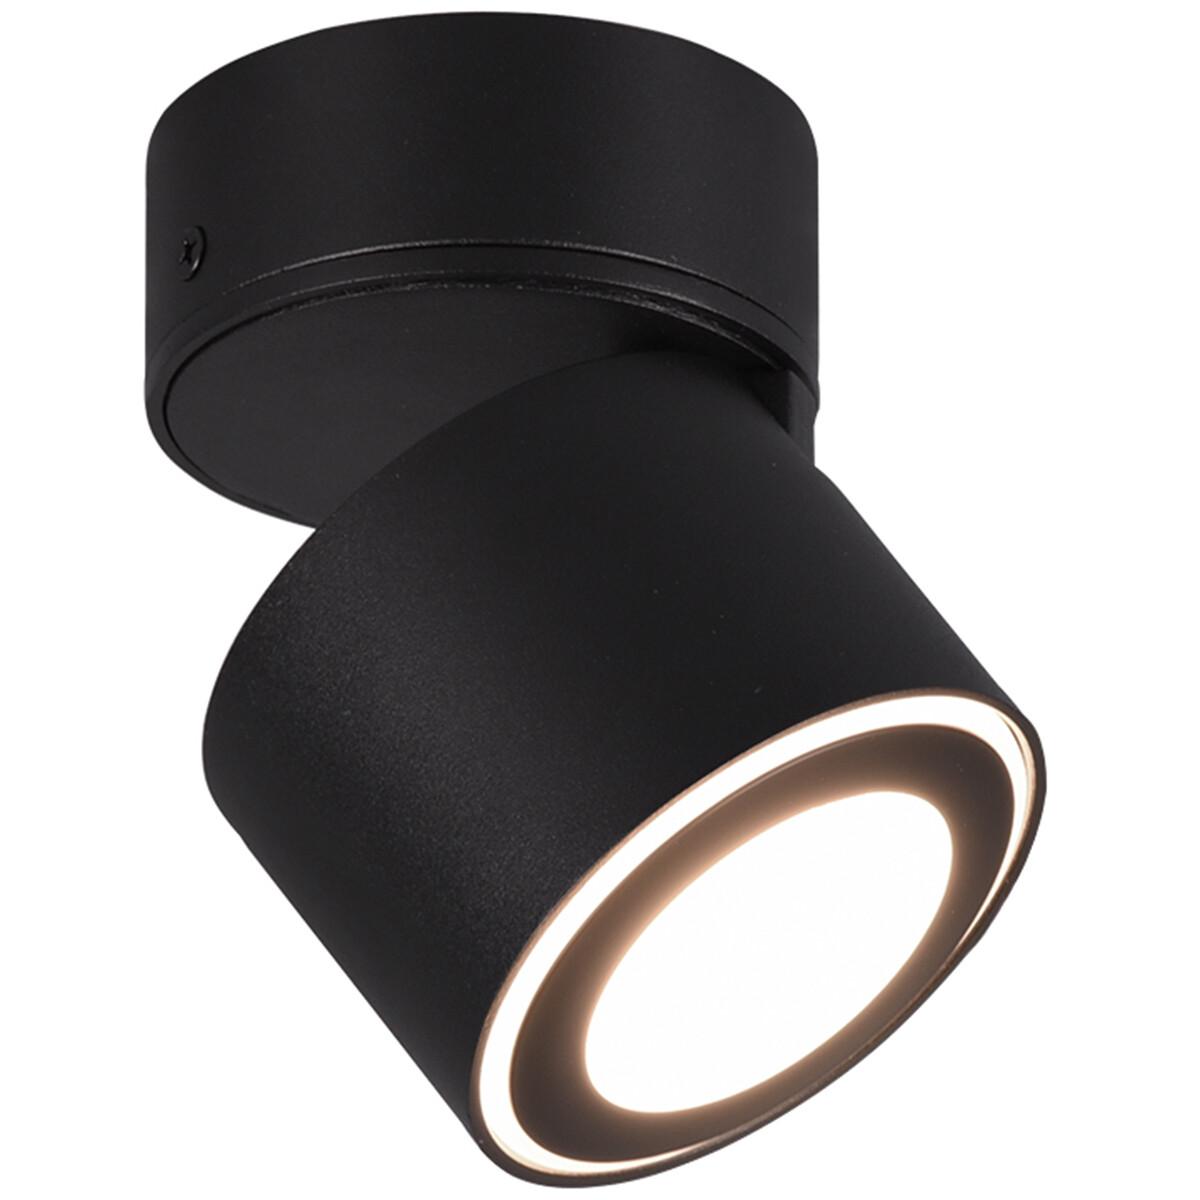 LED Plafondspot - Trion Tarus - 4W - Warm Wit 3000K - 1-lichts - Rond - Mat Zwart - Aluminium